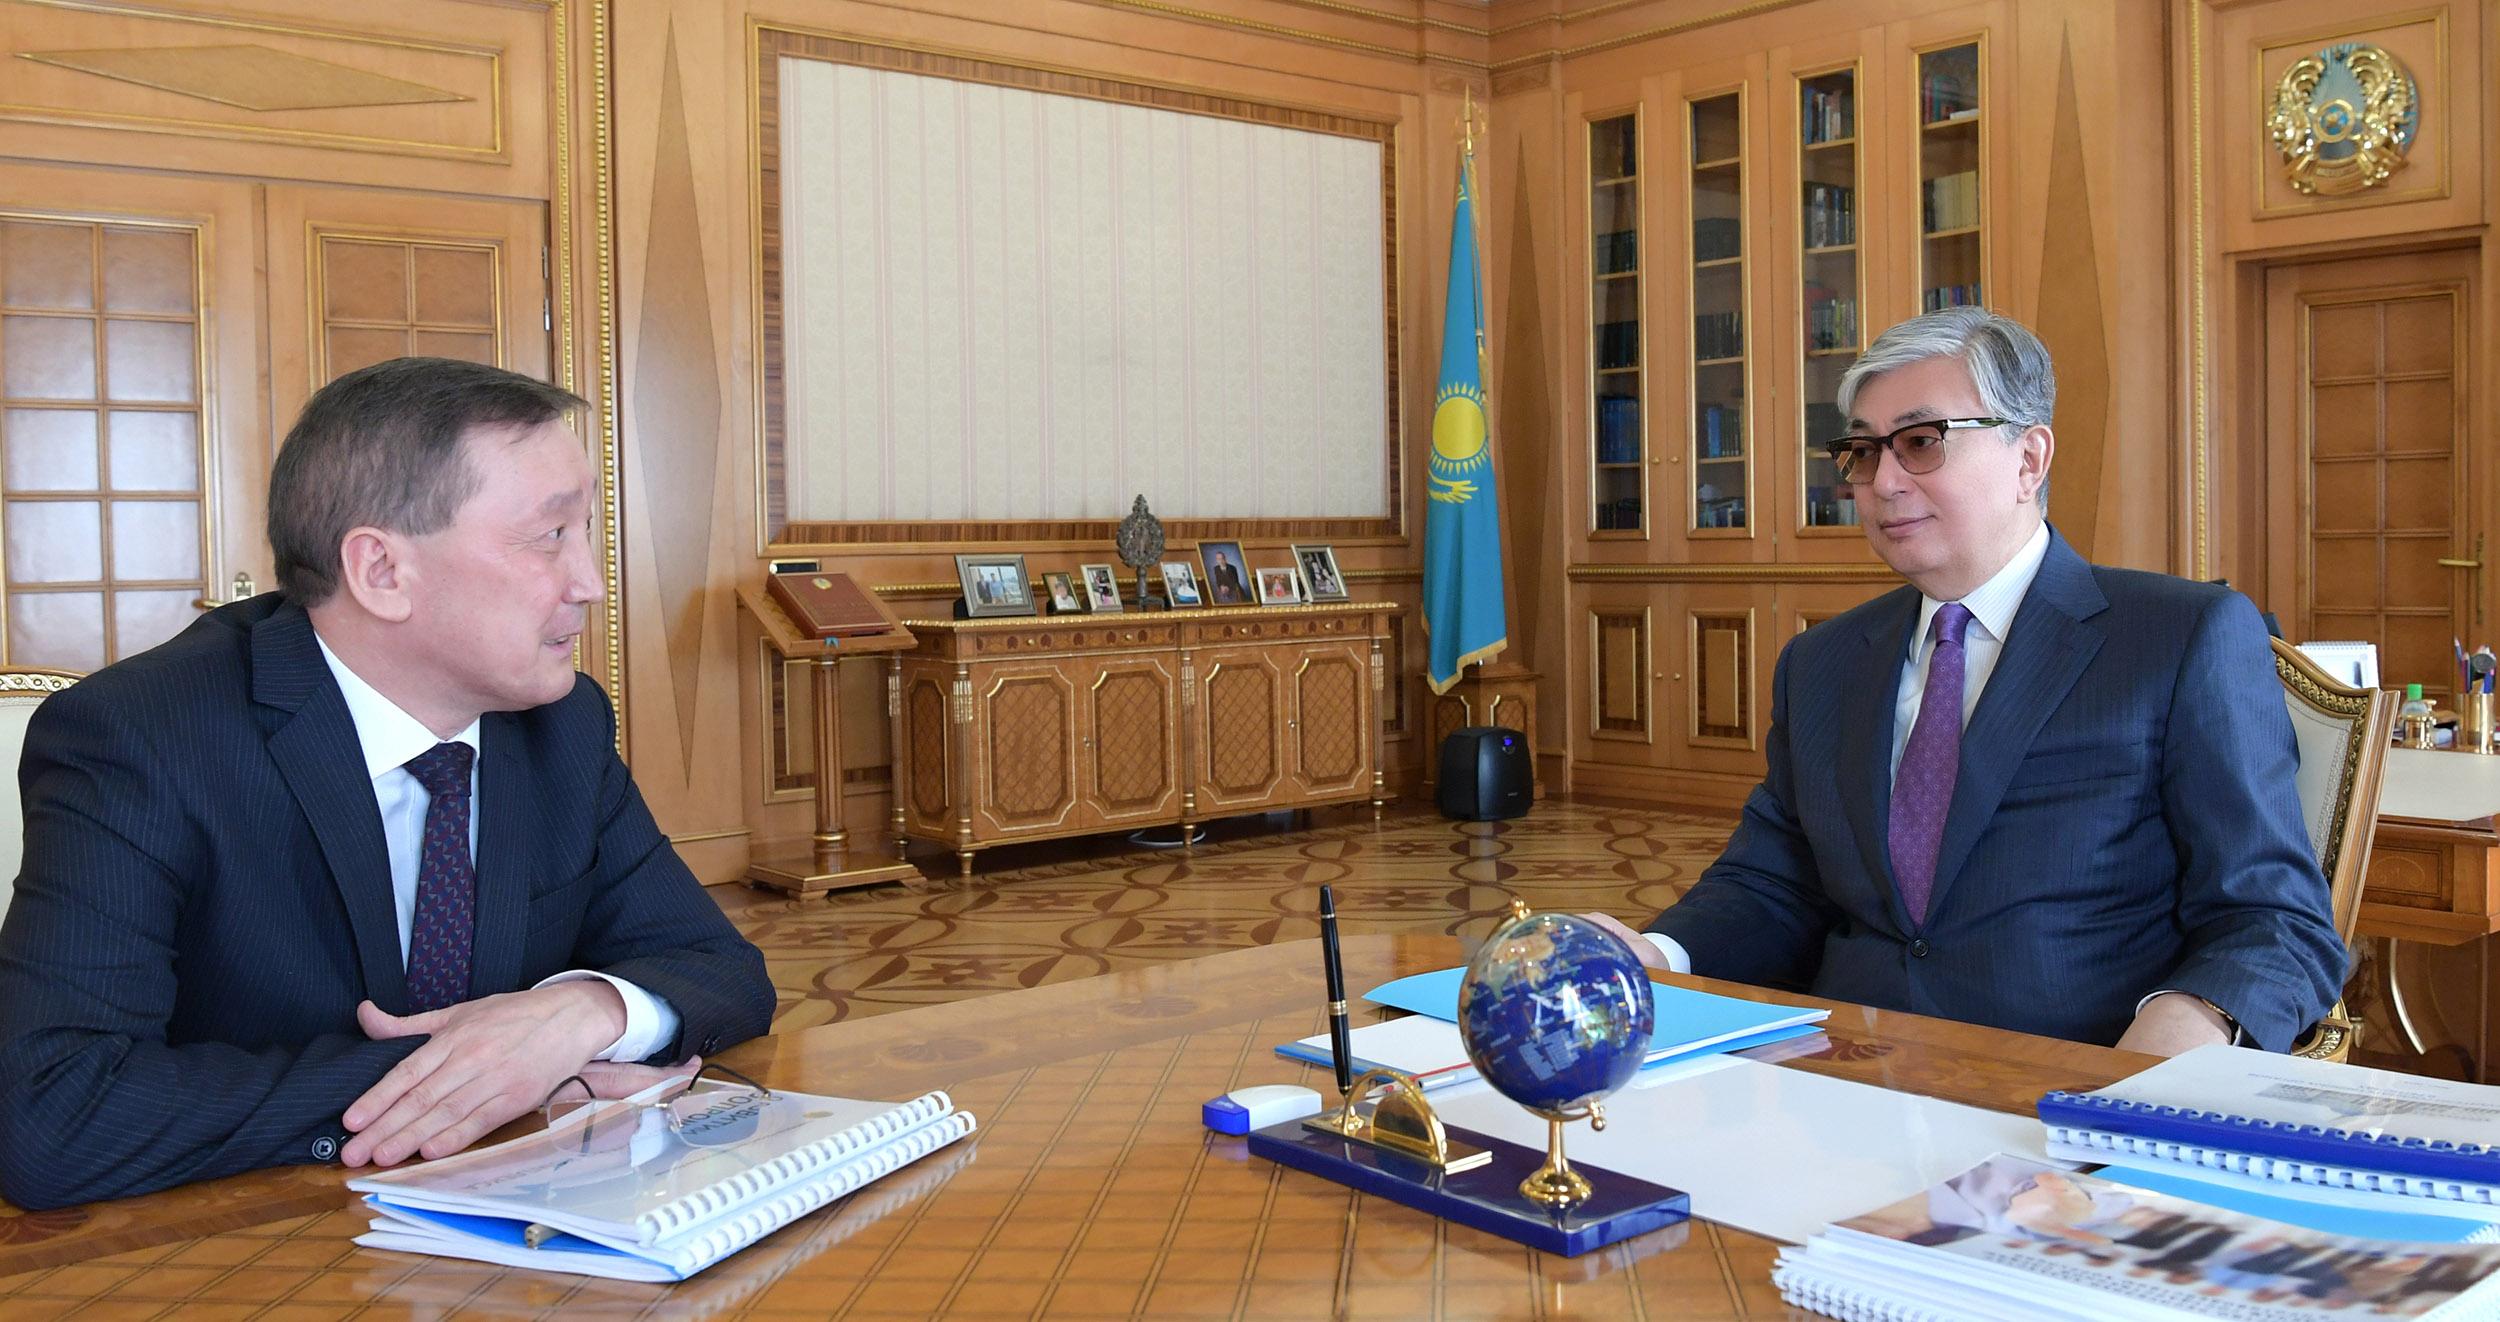 Қасым-Жомарт Тоқаев Ауыл шаруашылығы министрін қабылдады